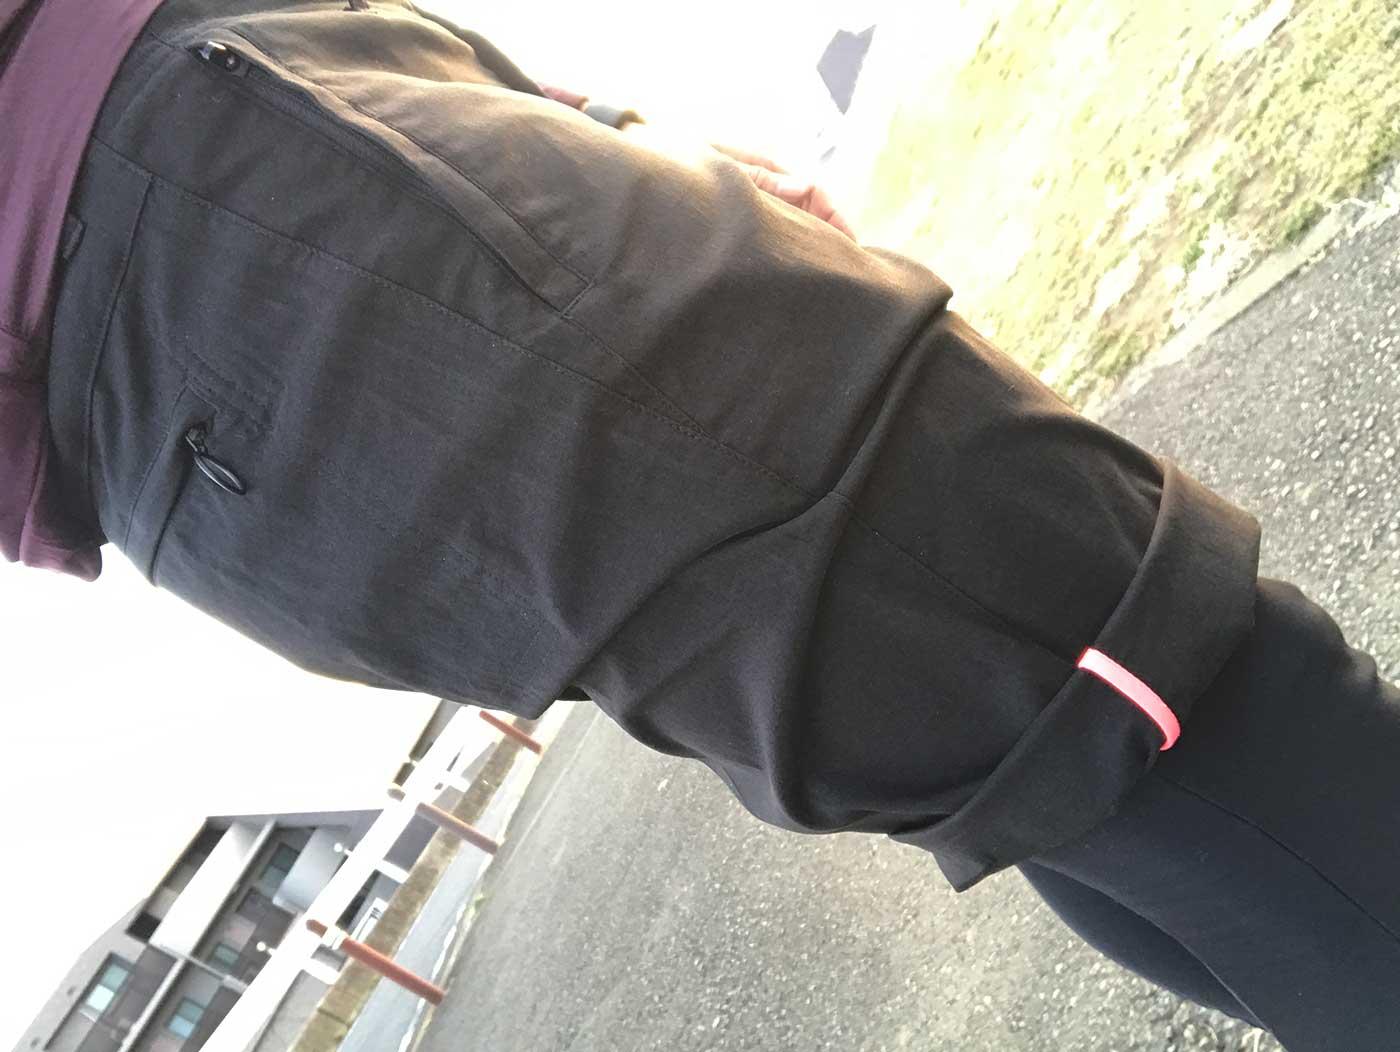 ラファの短パン「Randonnee Shorts」の裾の自撮り